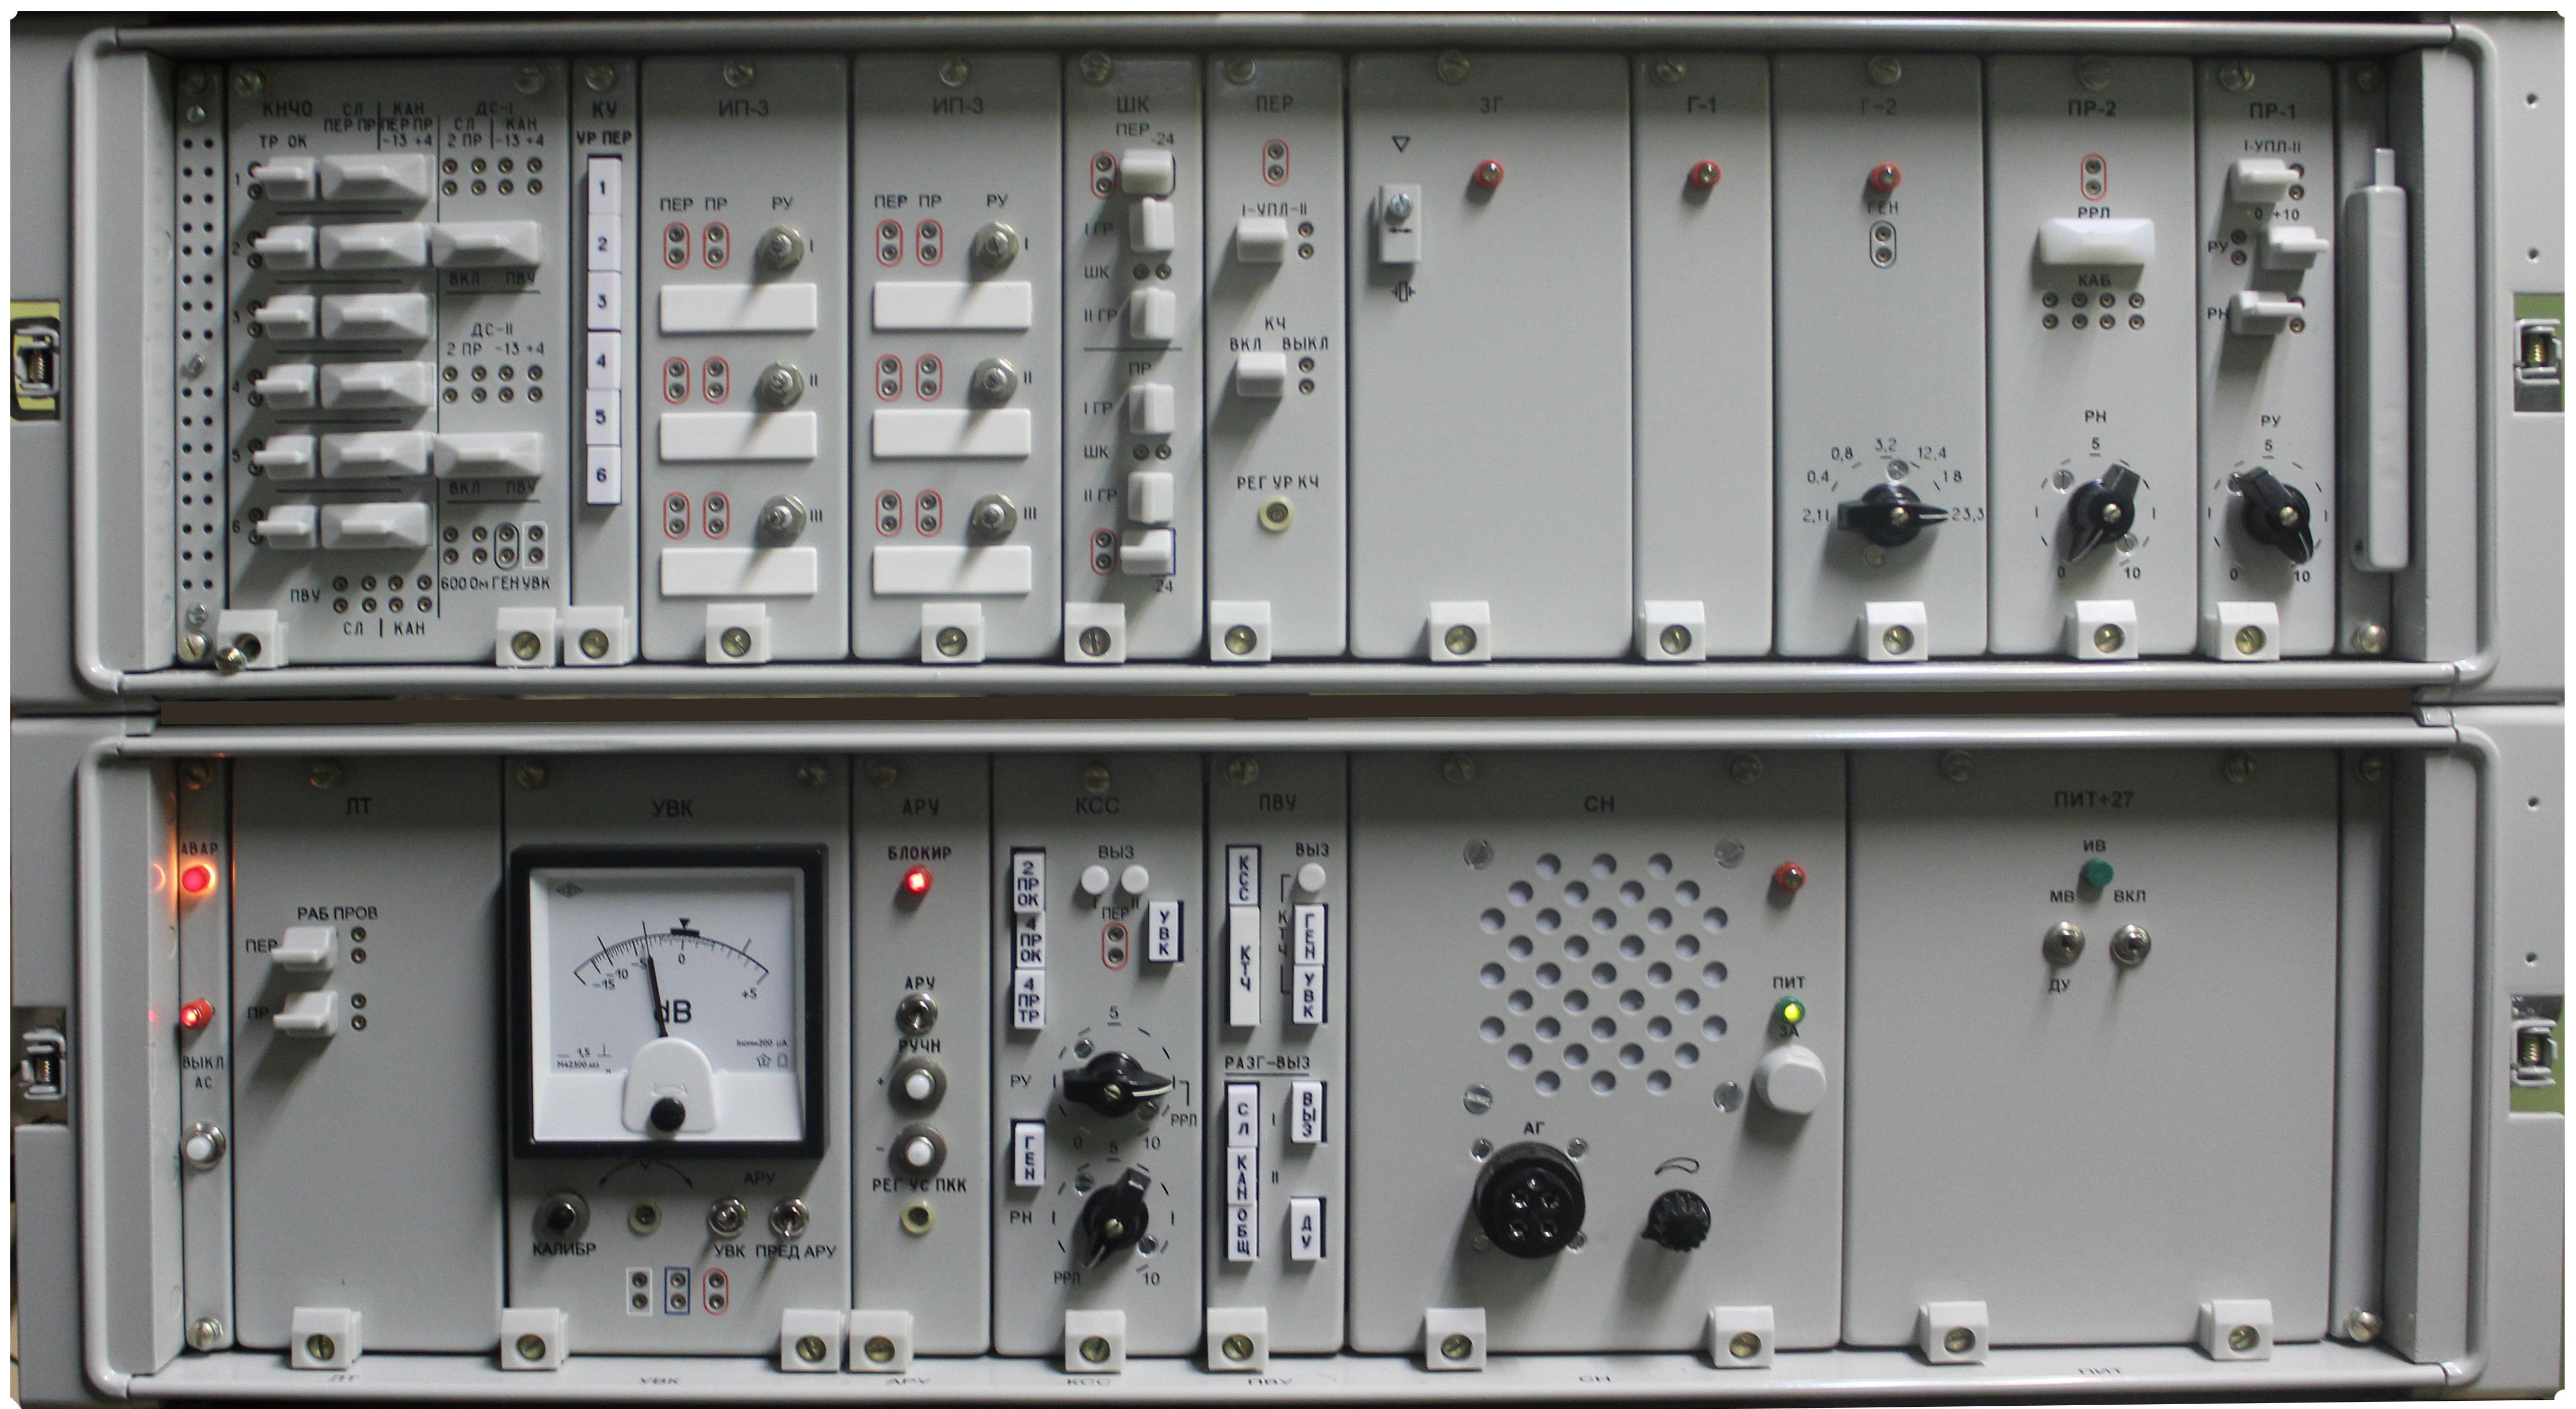 Инструкция по эксплуатации п-303